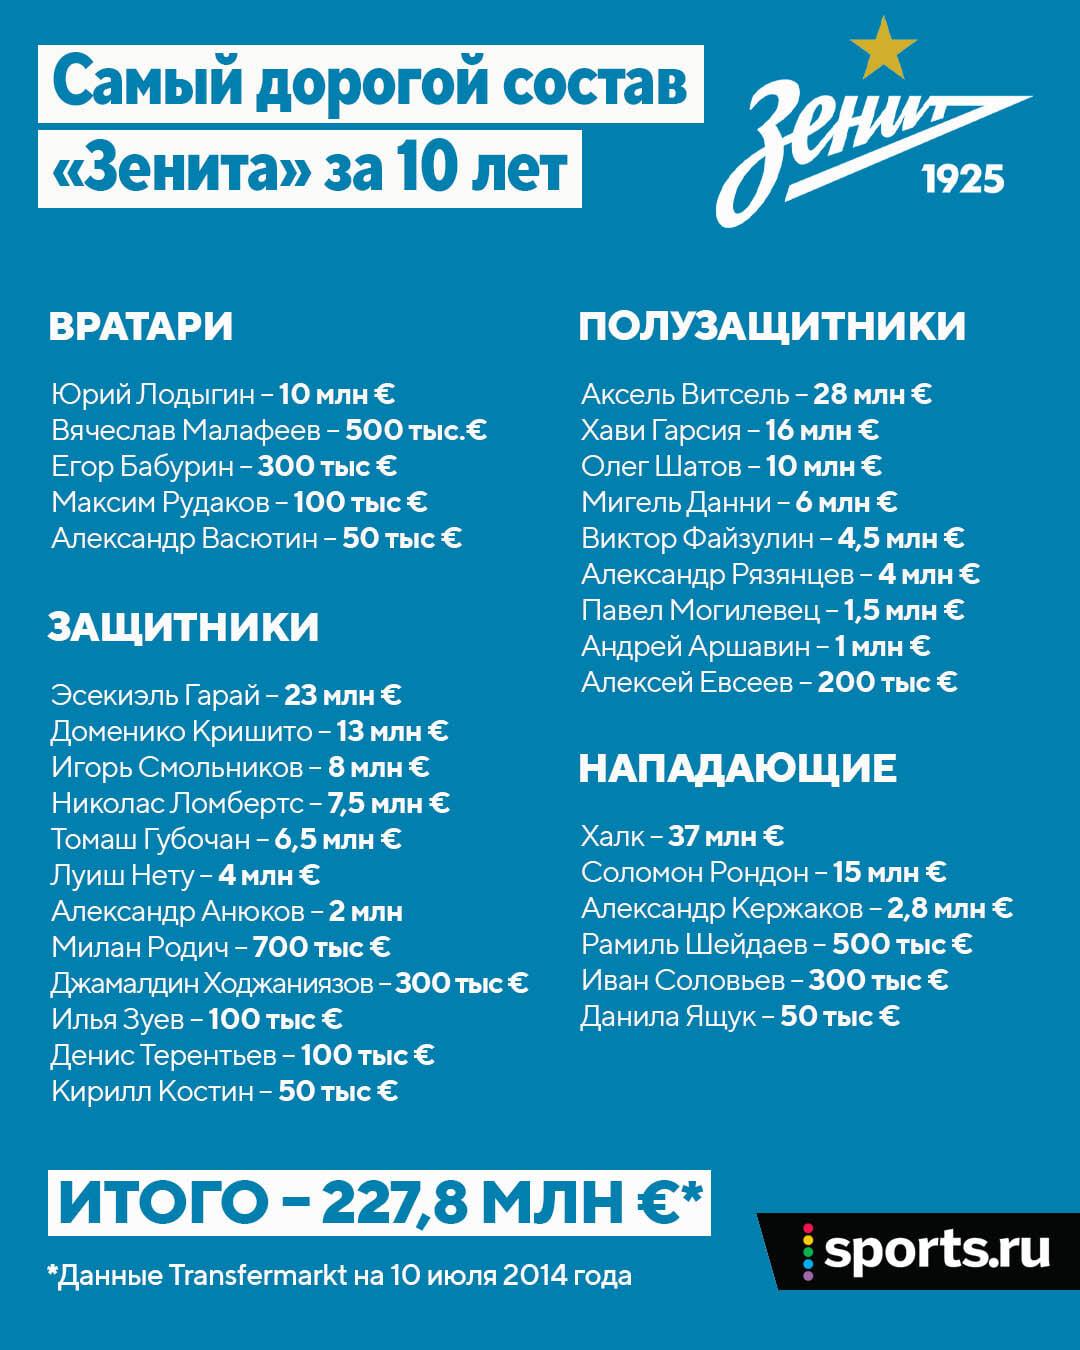 Тектонические движения РПЛ: «Спартак» впервые опередит «Зенит» по стоимости состава (версия ТМ)